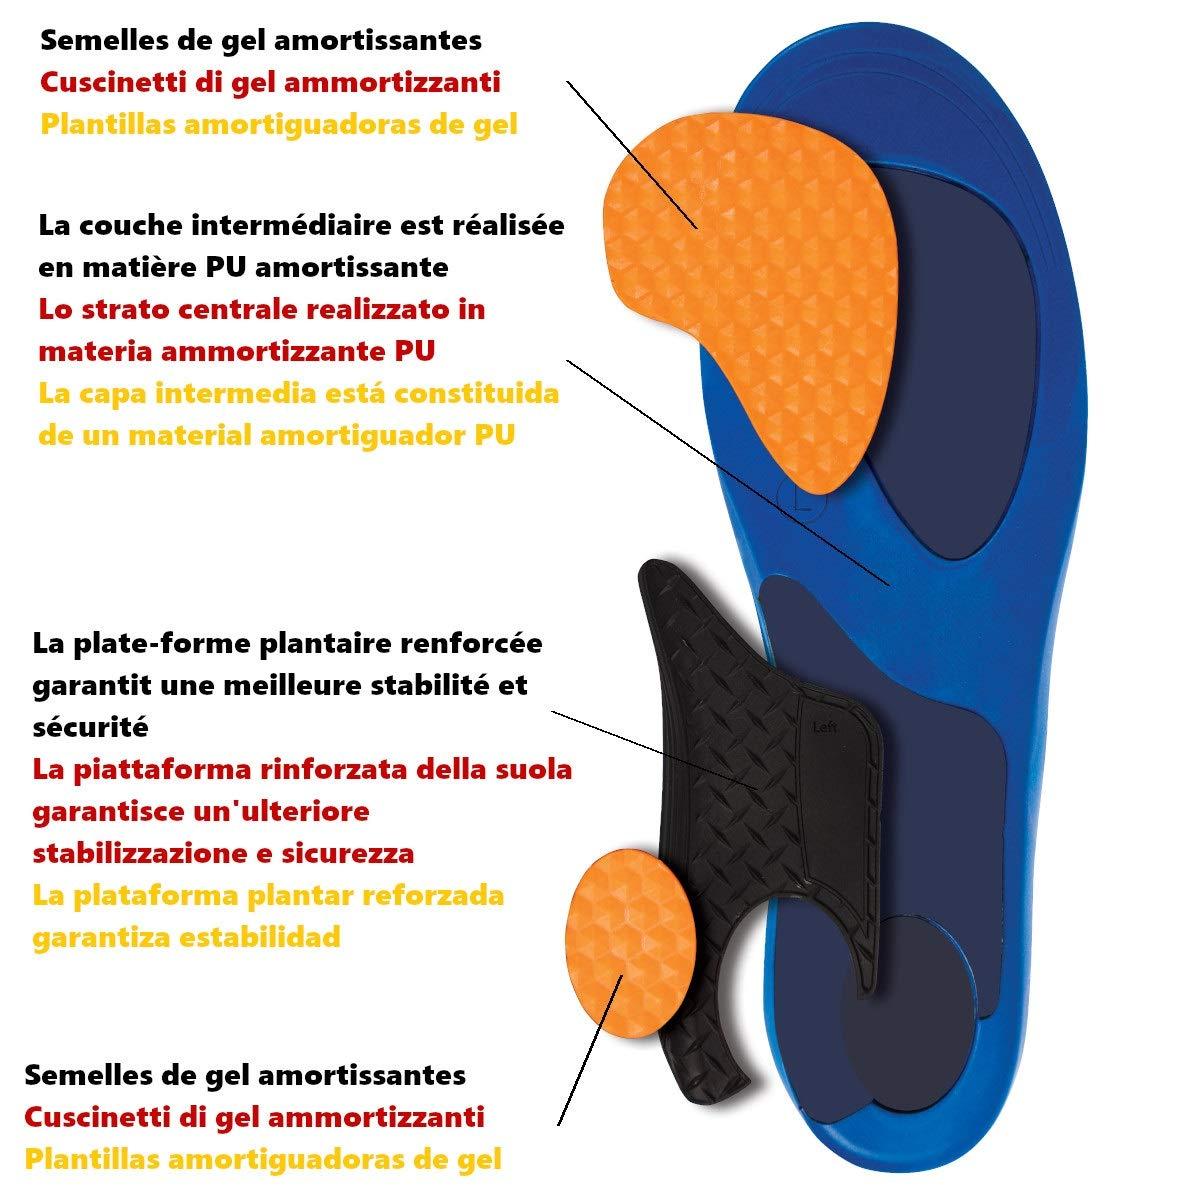 son adecuados para la de tipos del calzado de trabajo Proteger los pies en superficies duros Ideal para profesionales y uso Plantillas Fuzzio Work